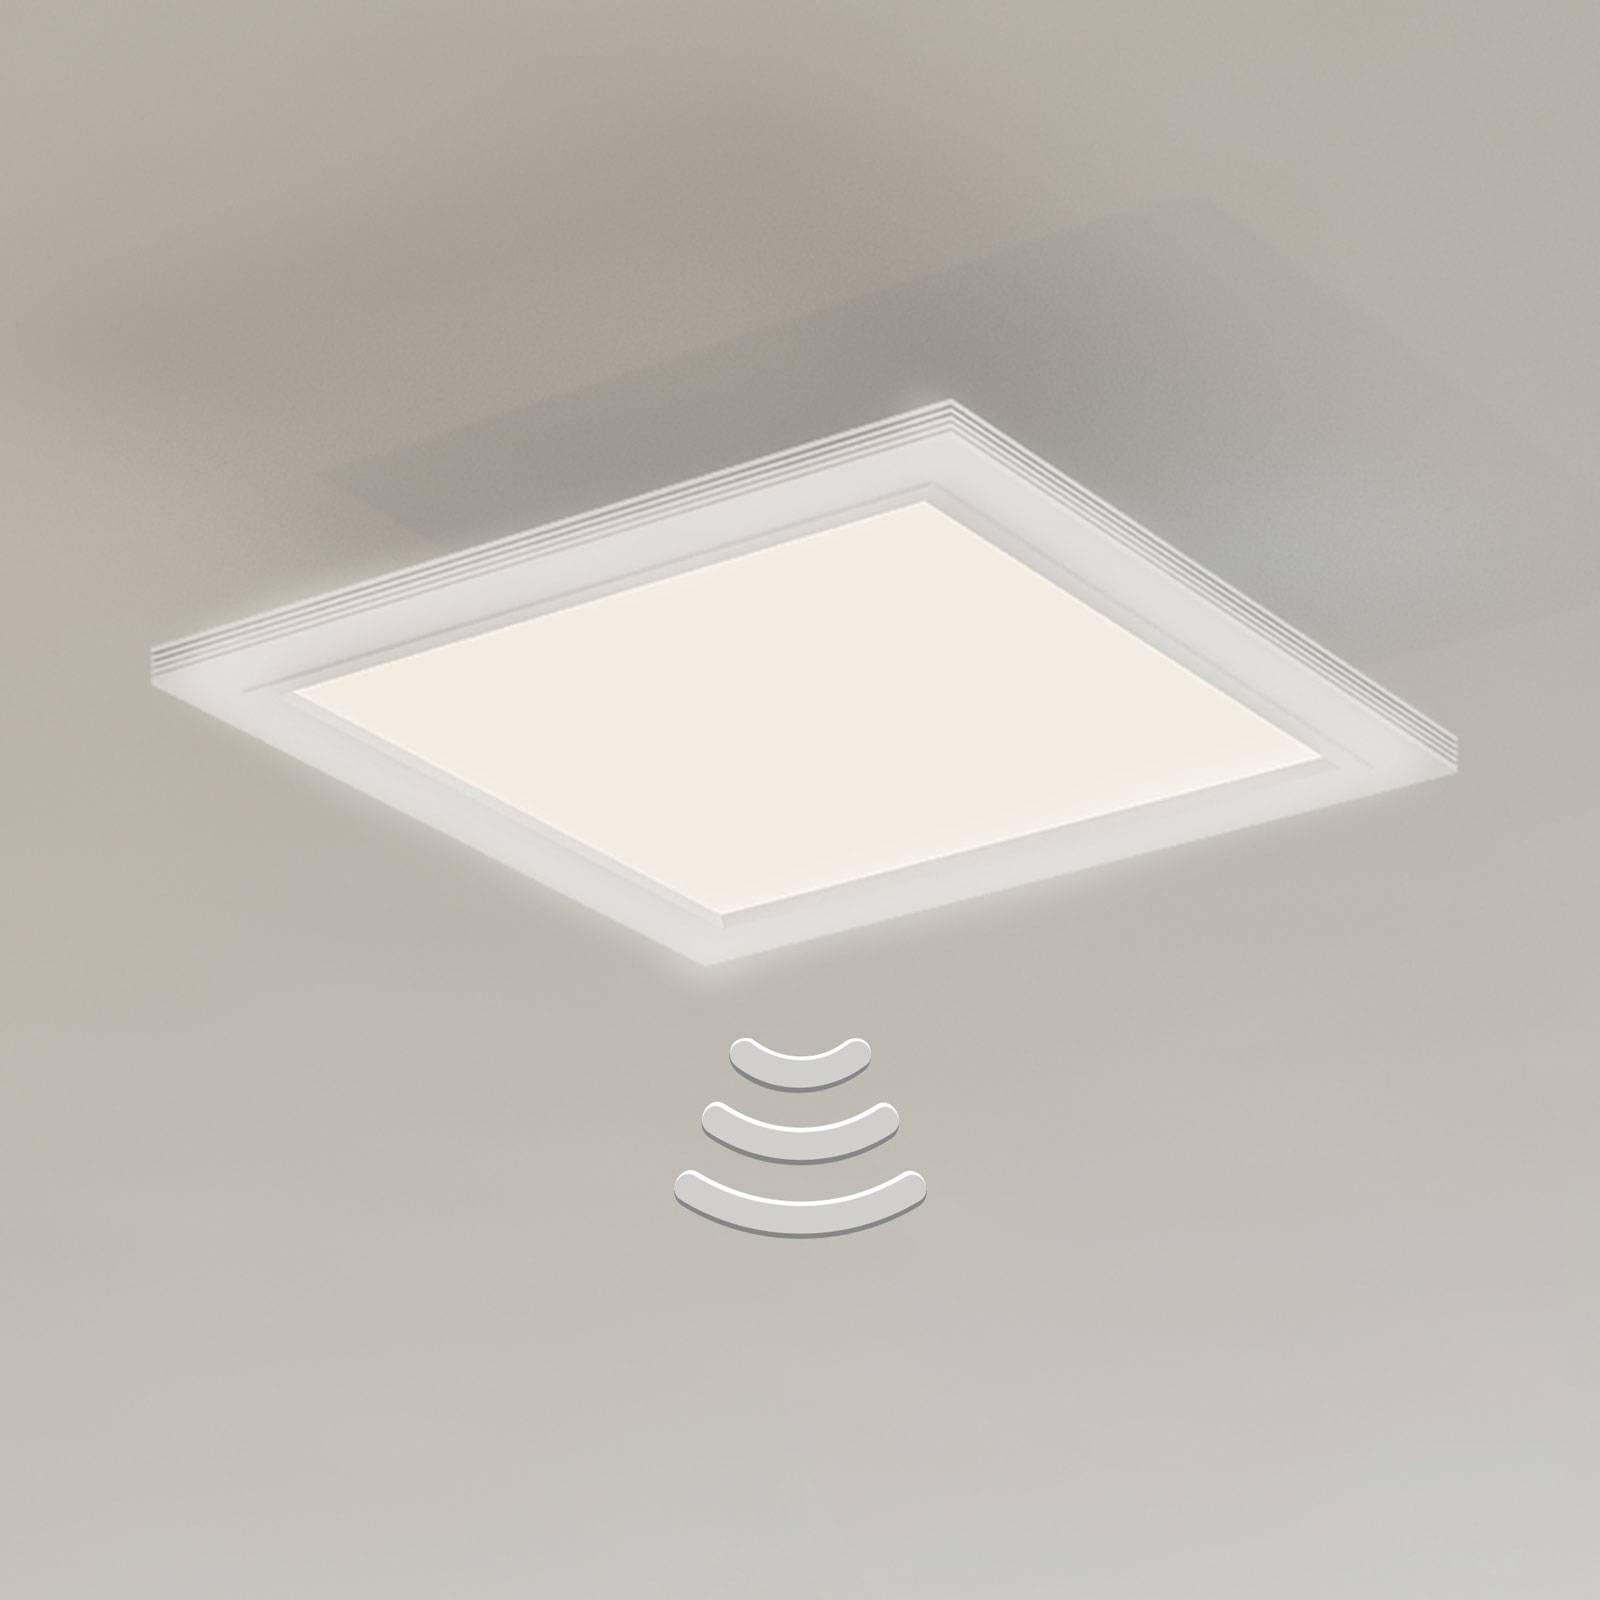 7187-016-LED-kattovalo, sensori, 29,5 x 29,5cm